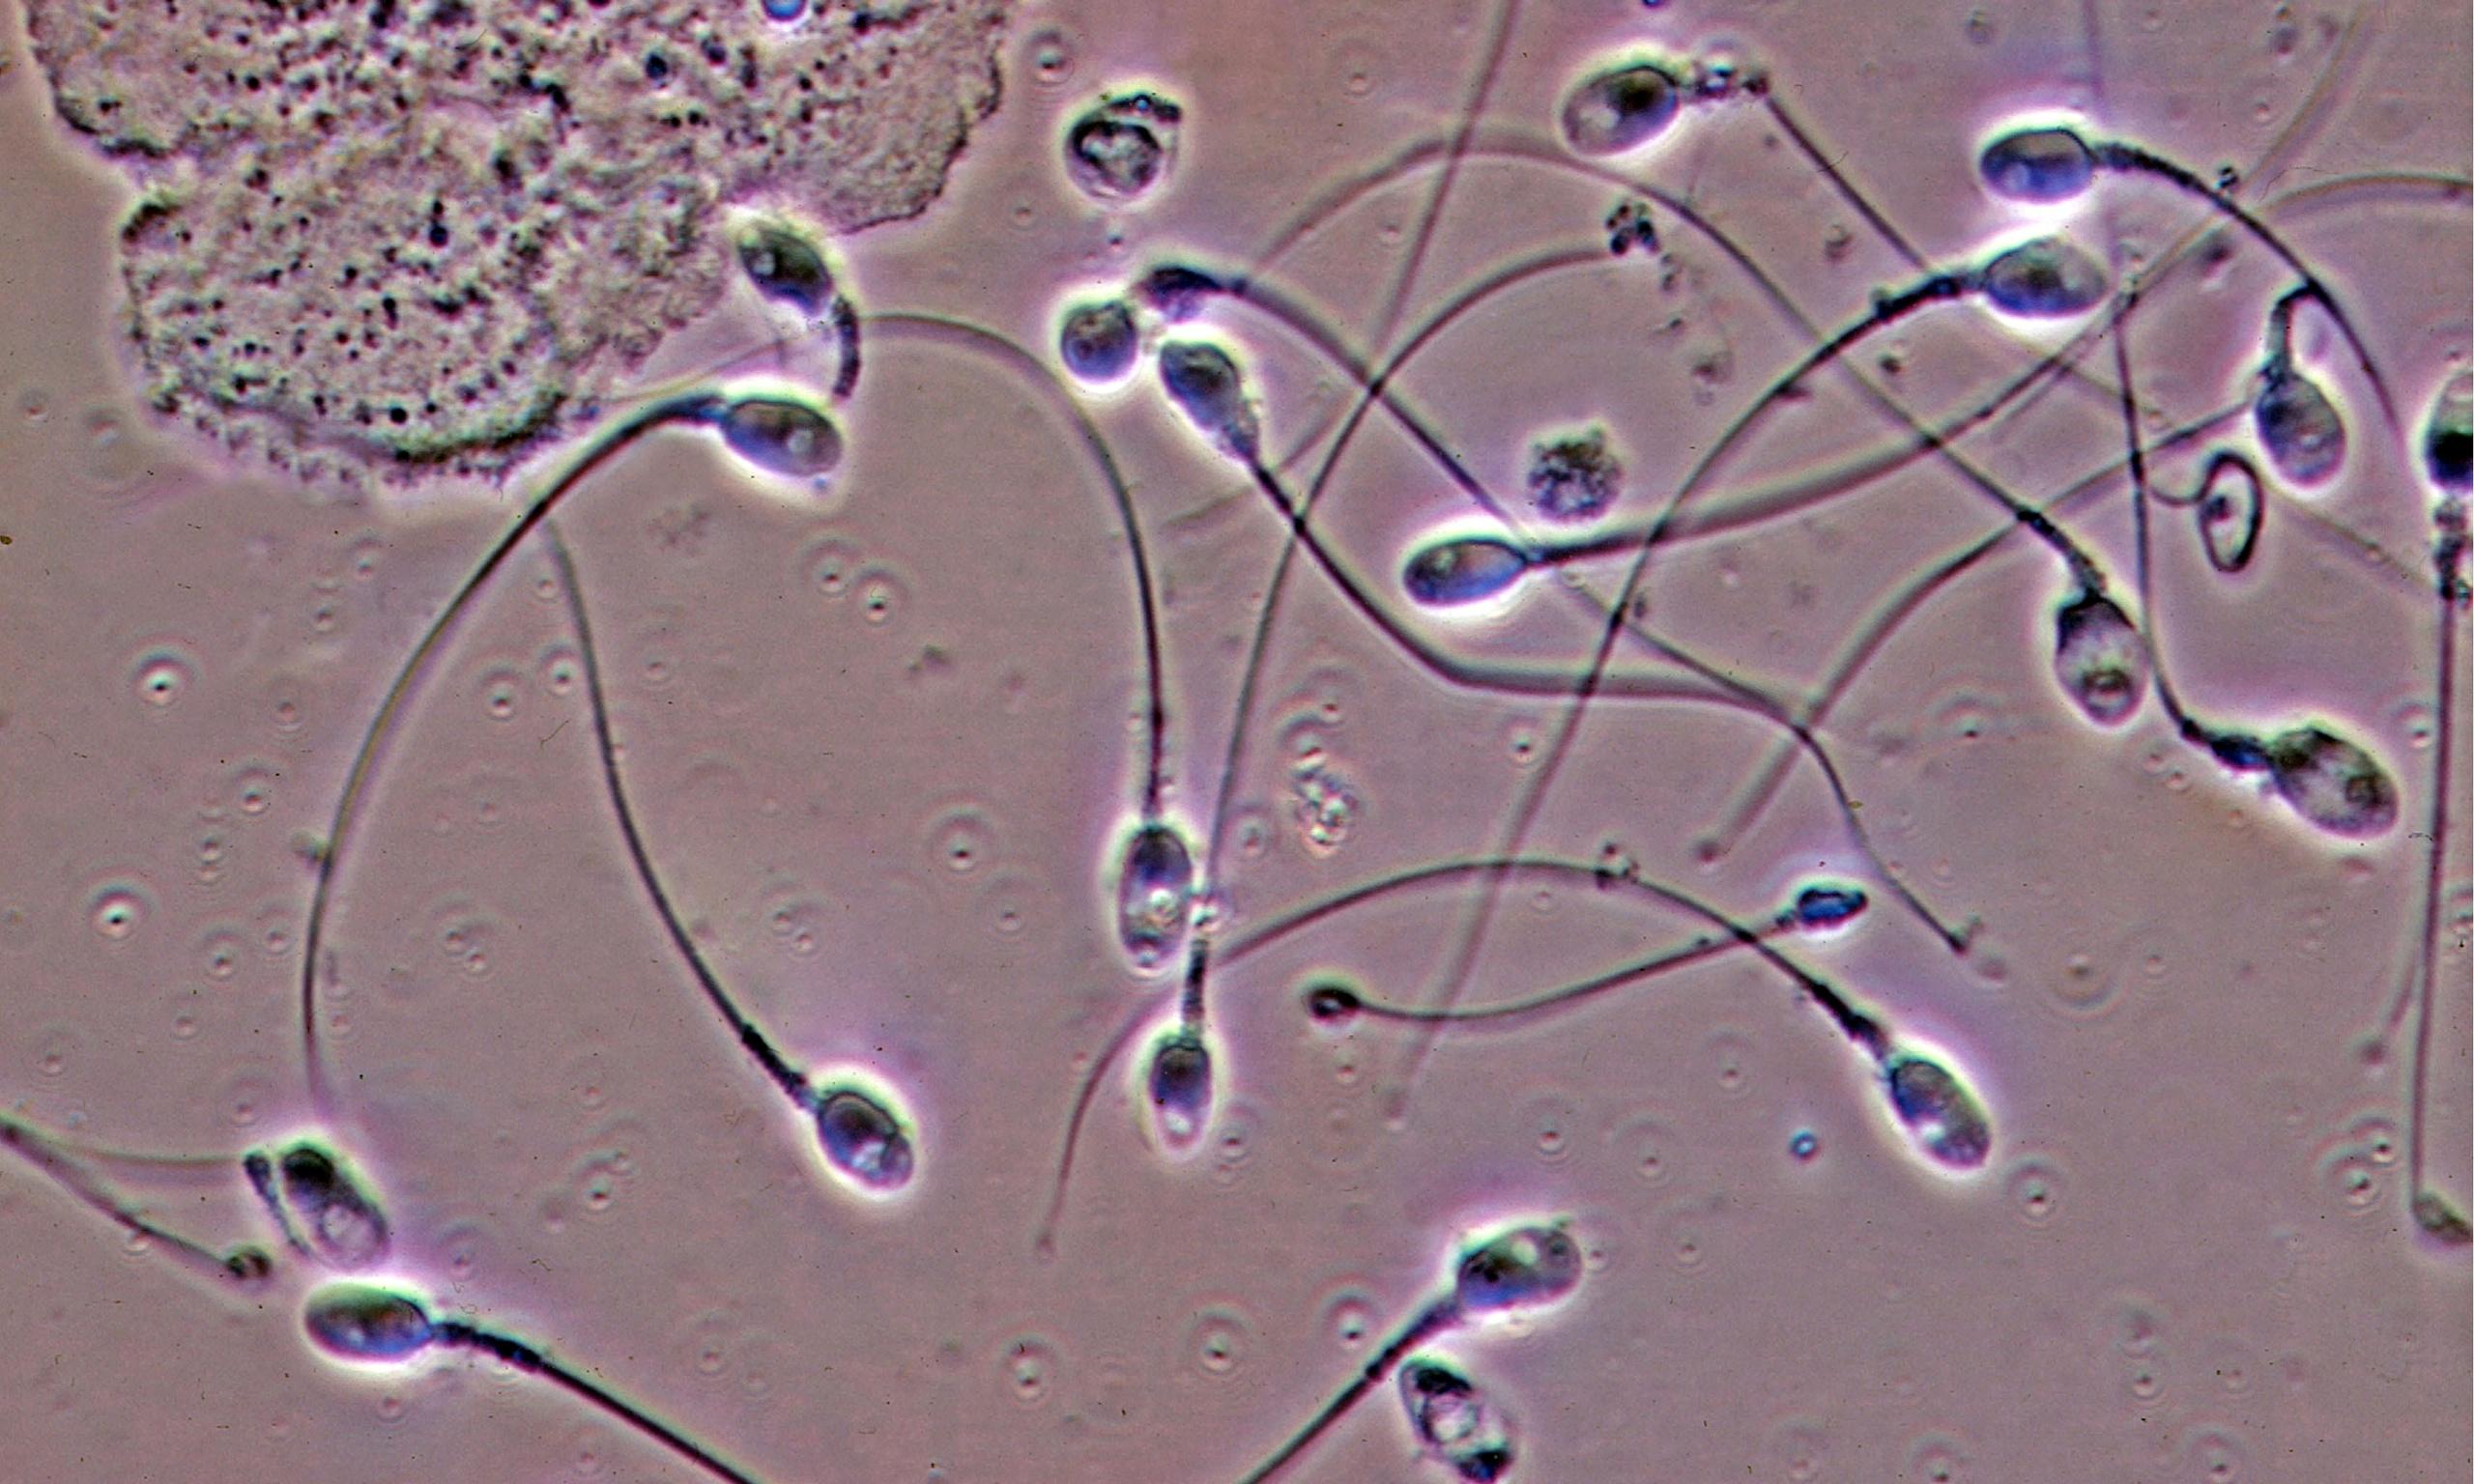 Сперма в микроскопе эта